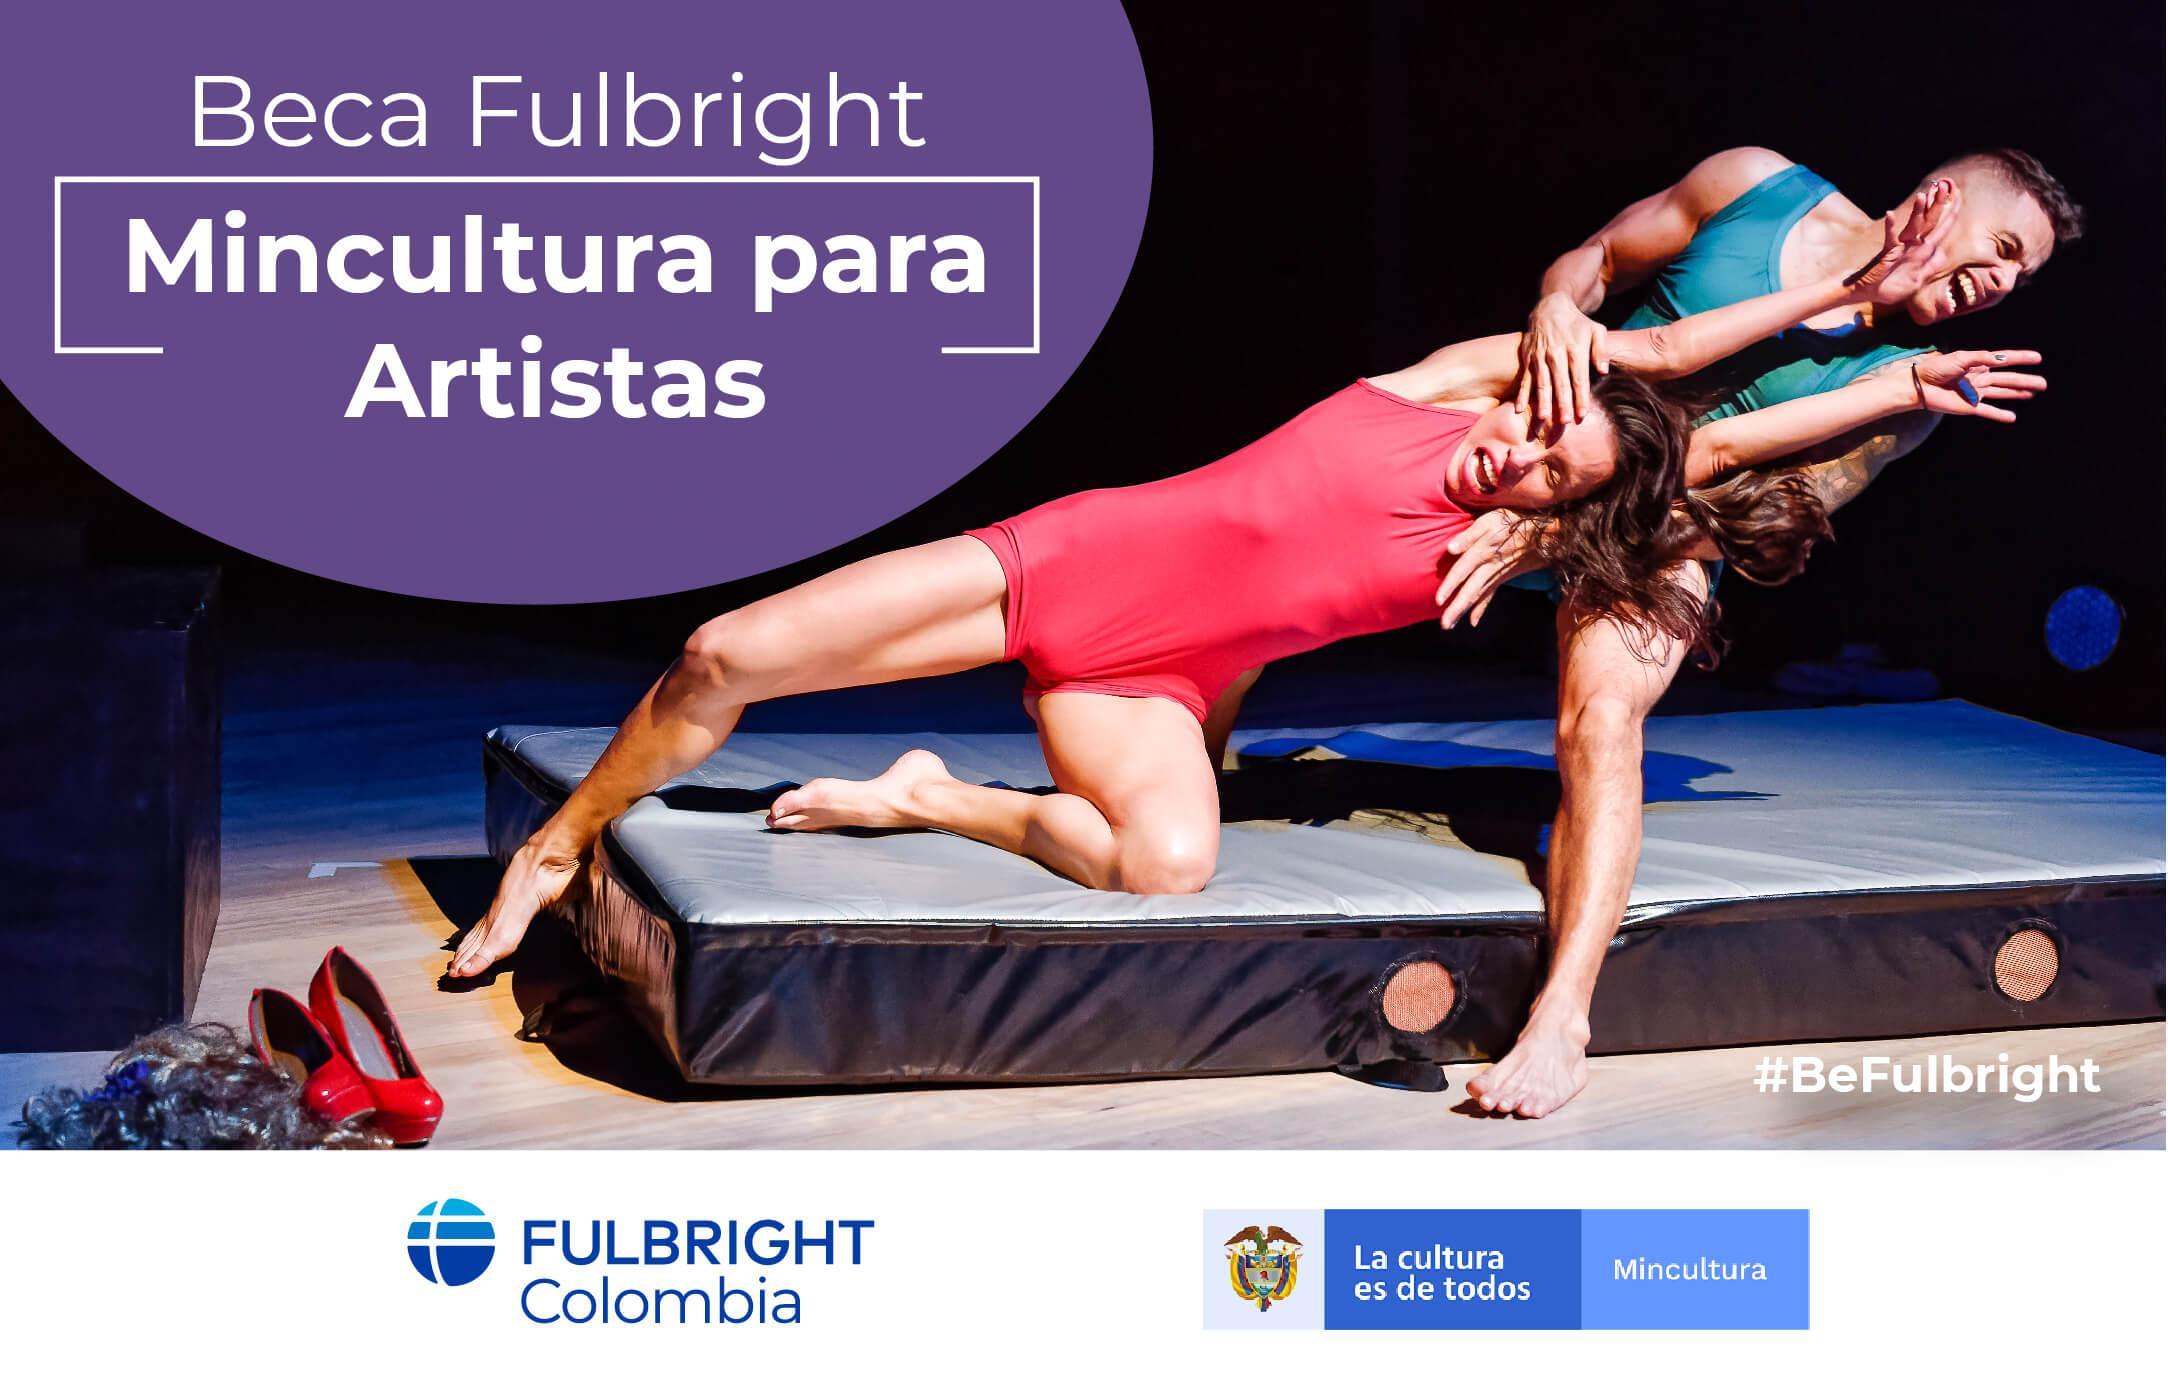 Beca Fulbright-Mincultura para artistas 2020